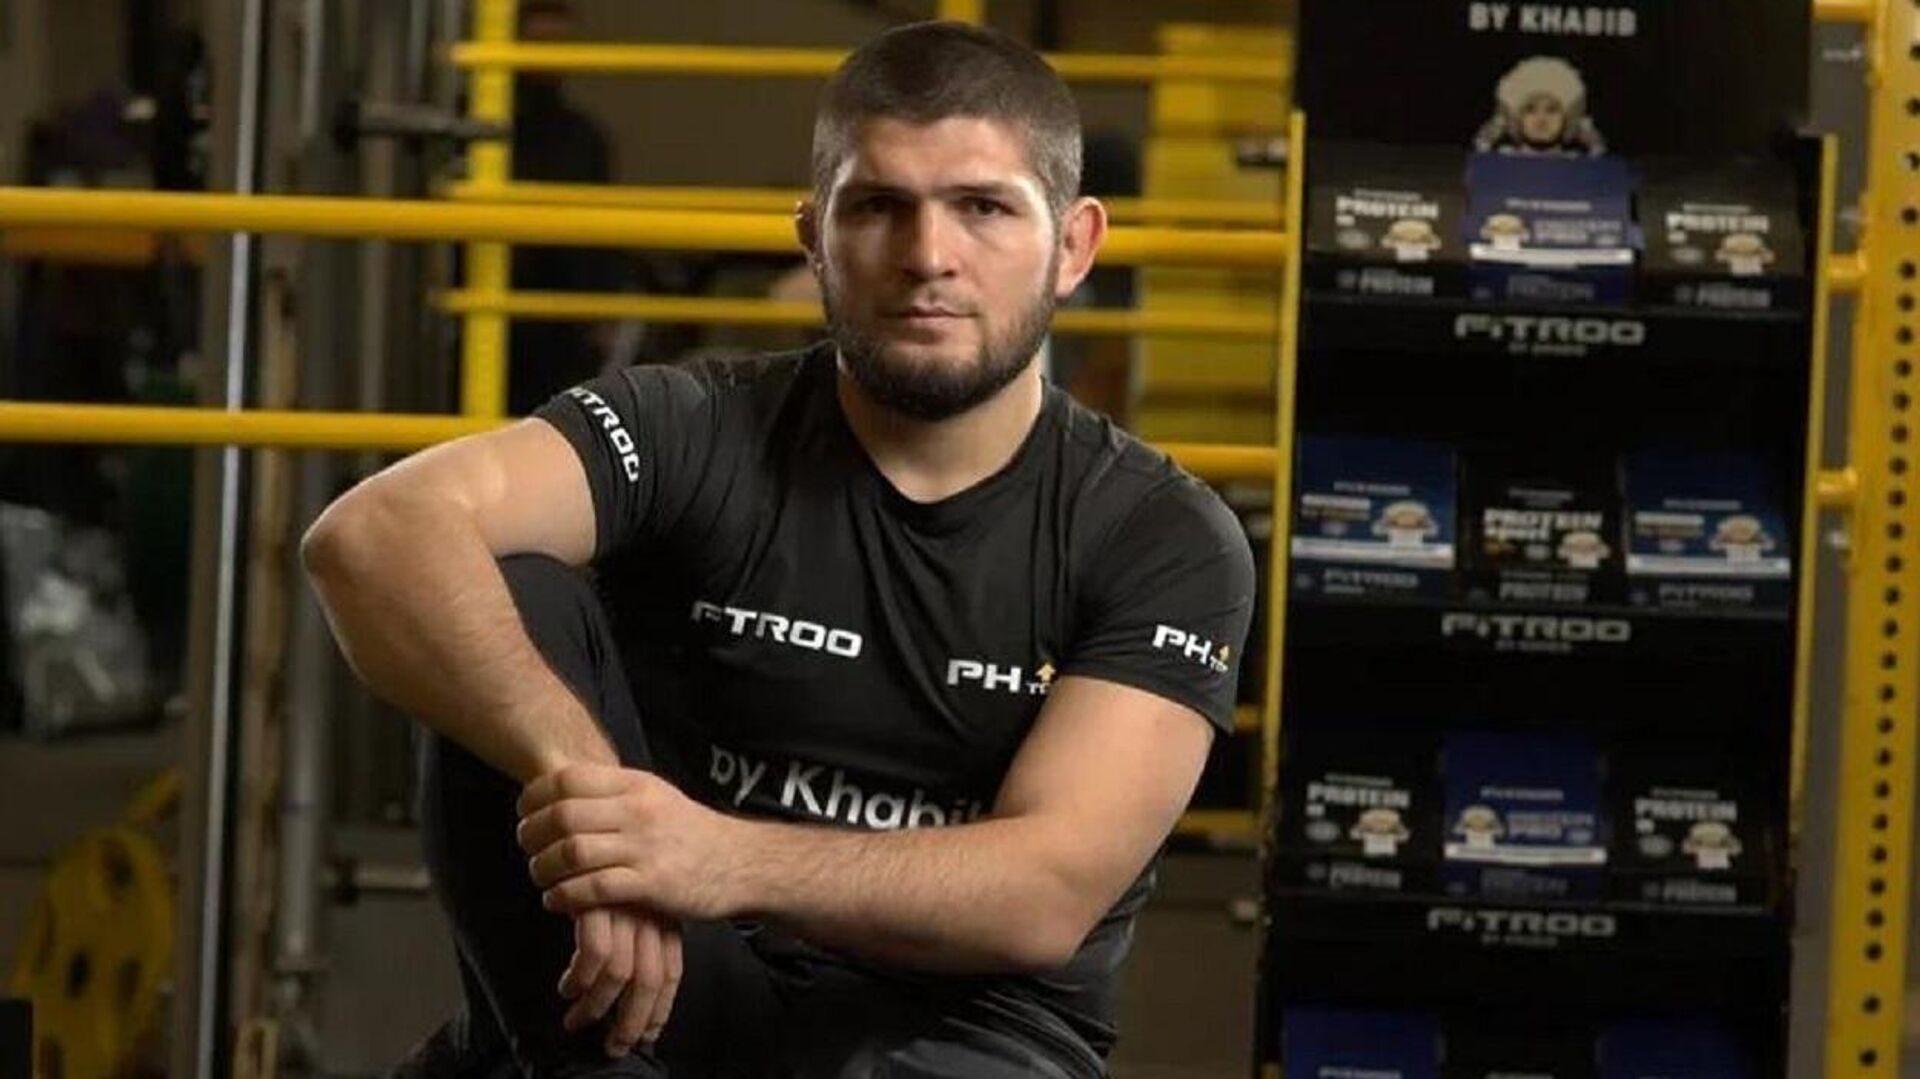 El excampeón invicto de peso ligero de la UFC Khabib Nurmagomédov - Sputnik Mundo, 1920, 07.09.2021